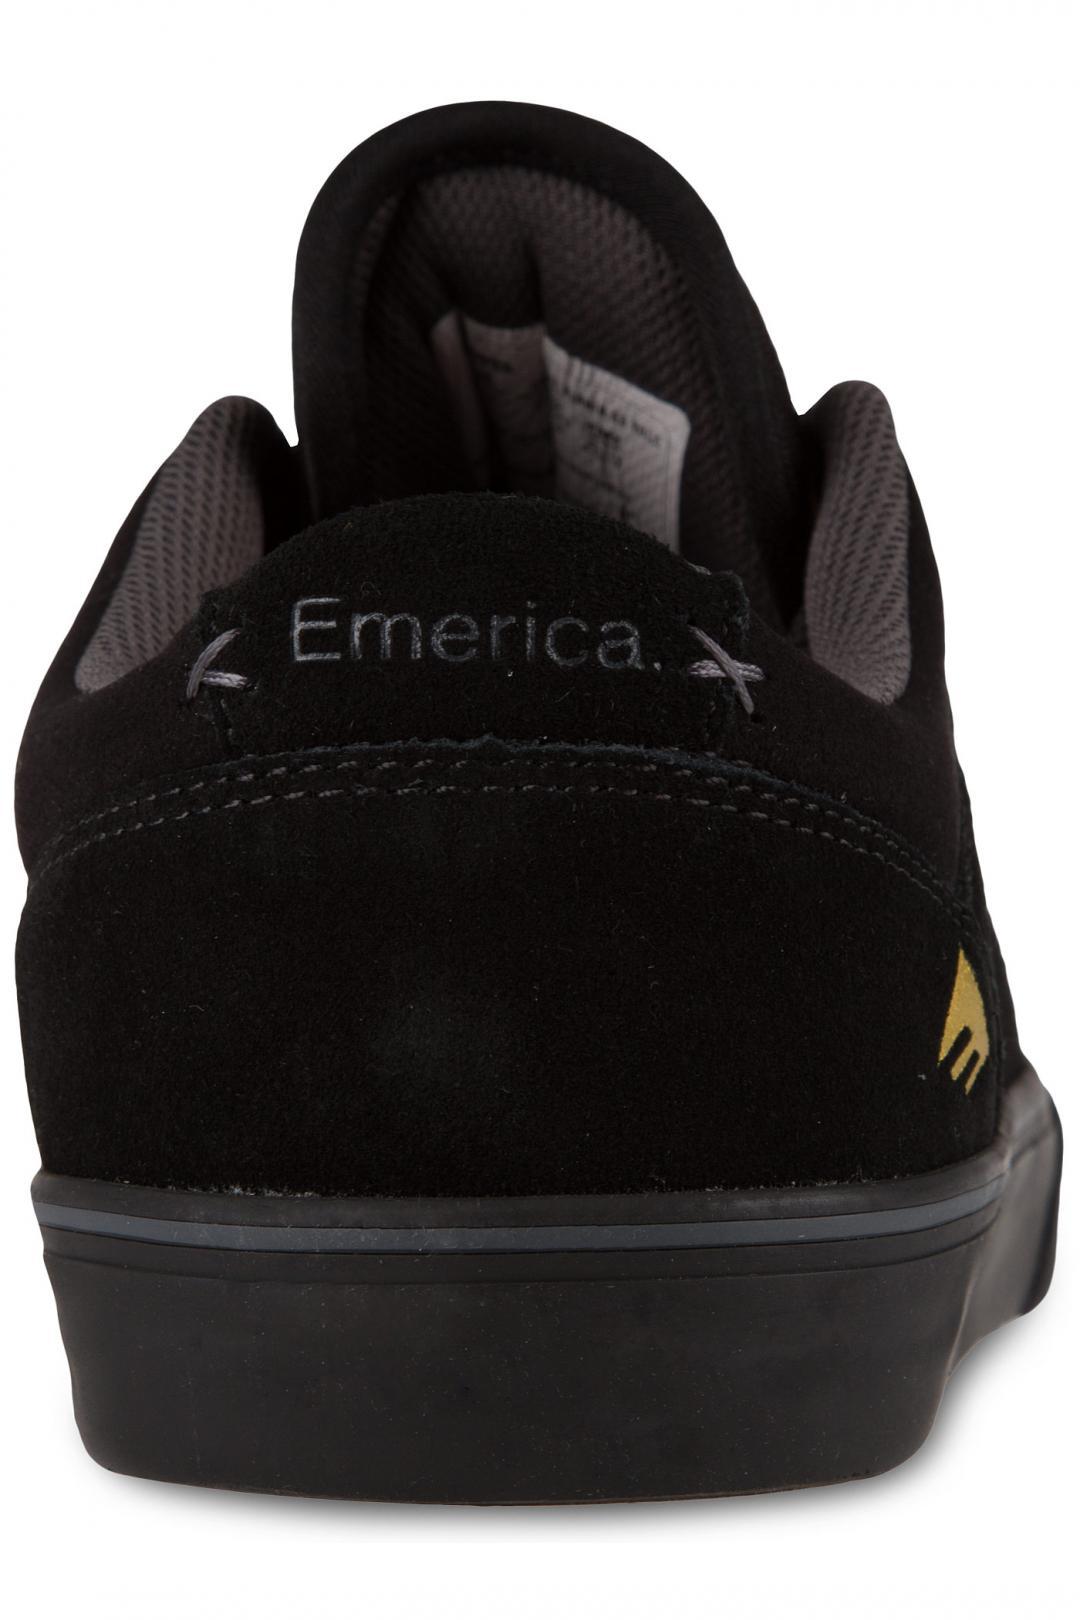 Uomo Emerica The Herman G6 Vulc Suede black black | Sneakers low top